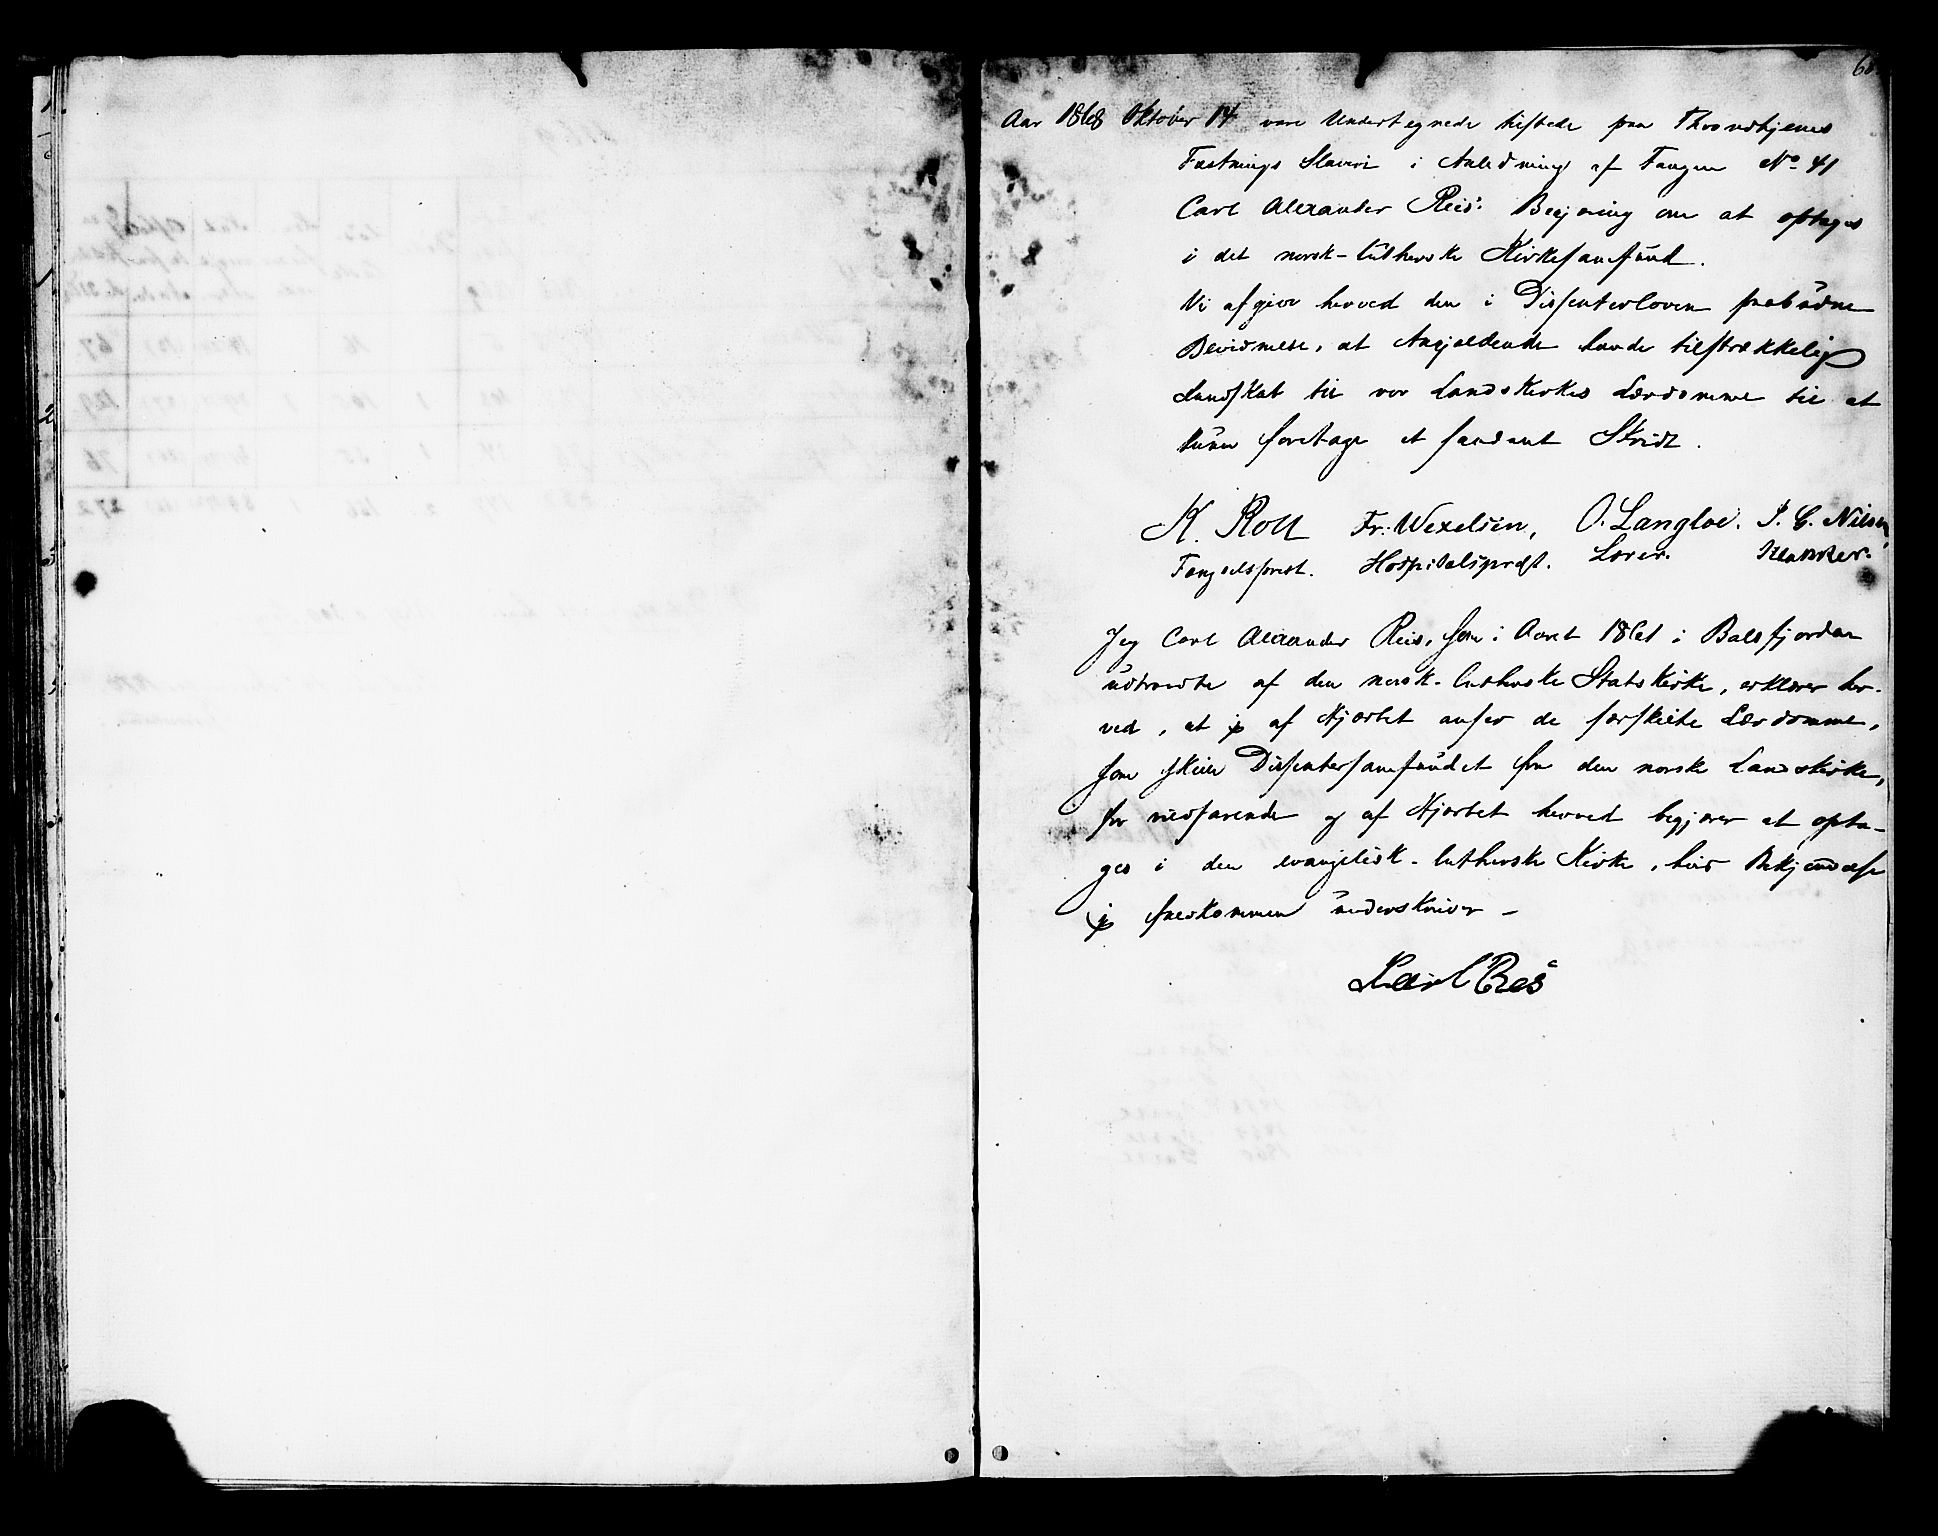 SAT, Ministerialprotokoller, klokkerbøker og fødselsregistre - Sør-Trøndelag, 624/L0481: Ministerialbok nr. 624A02, 1841-1869, s. 68